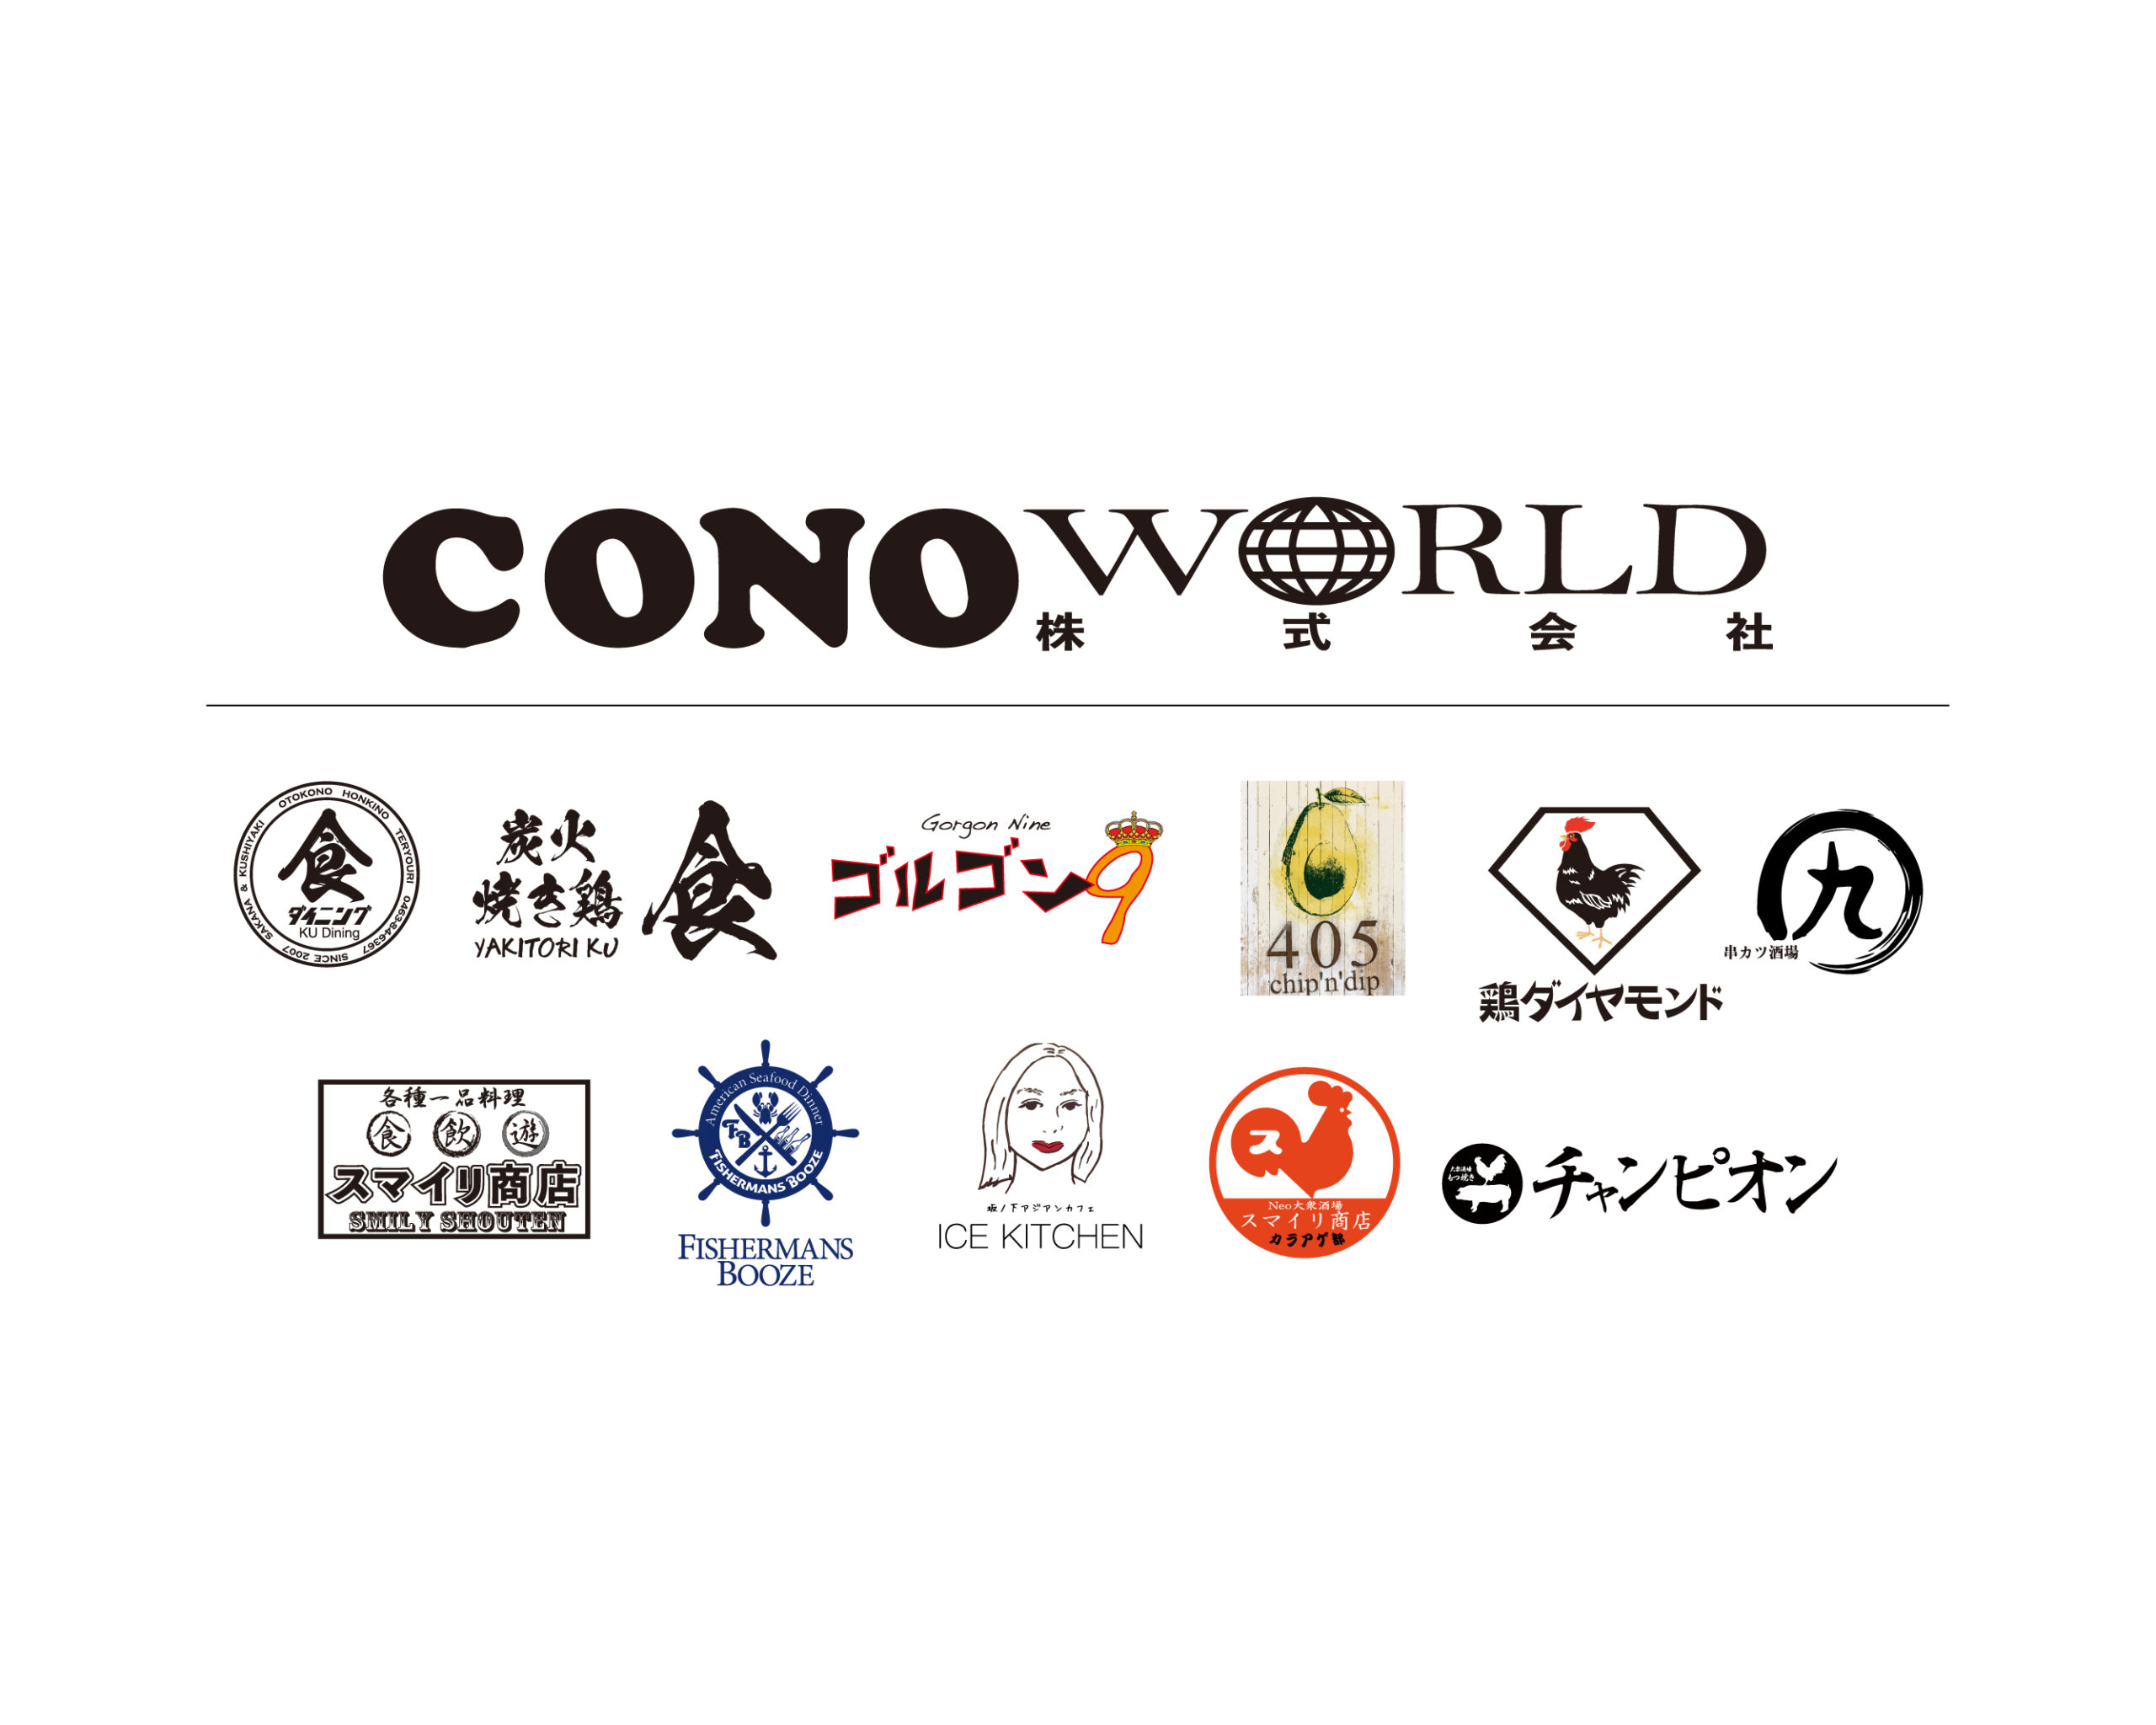 conoworld